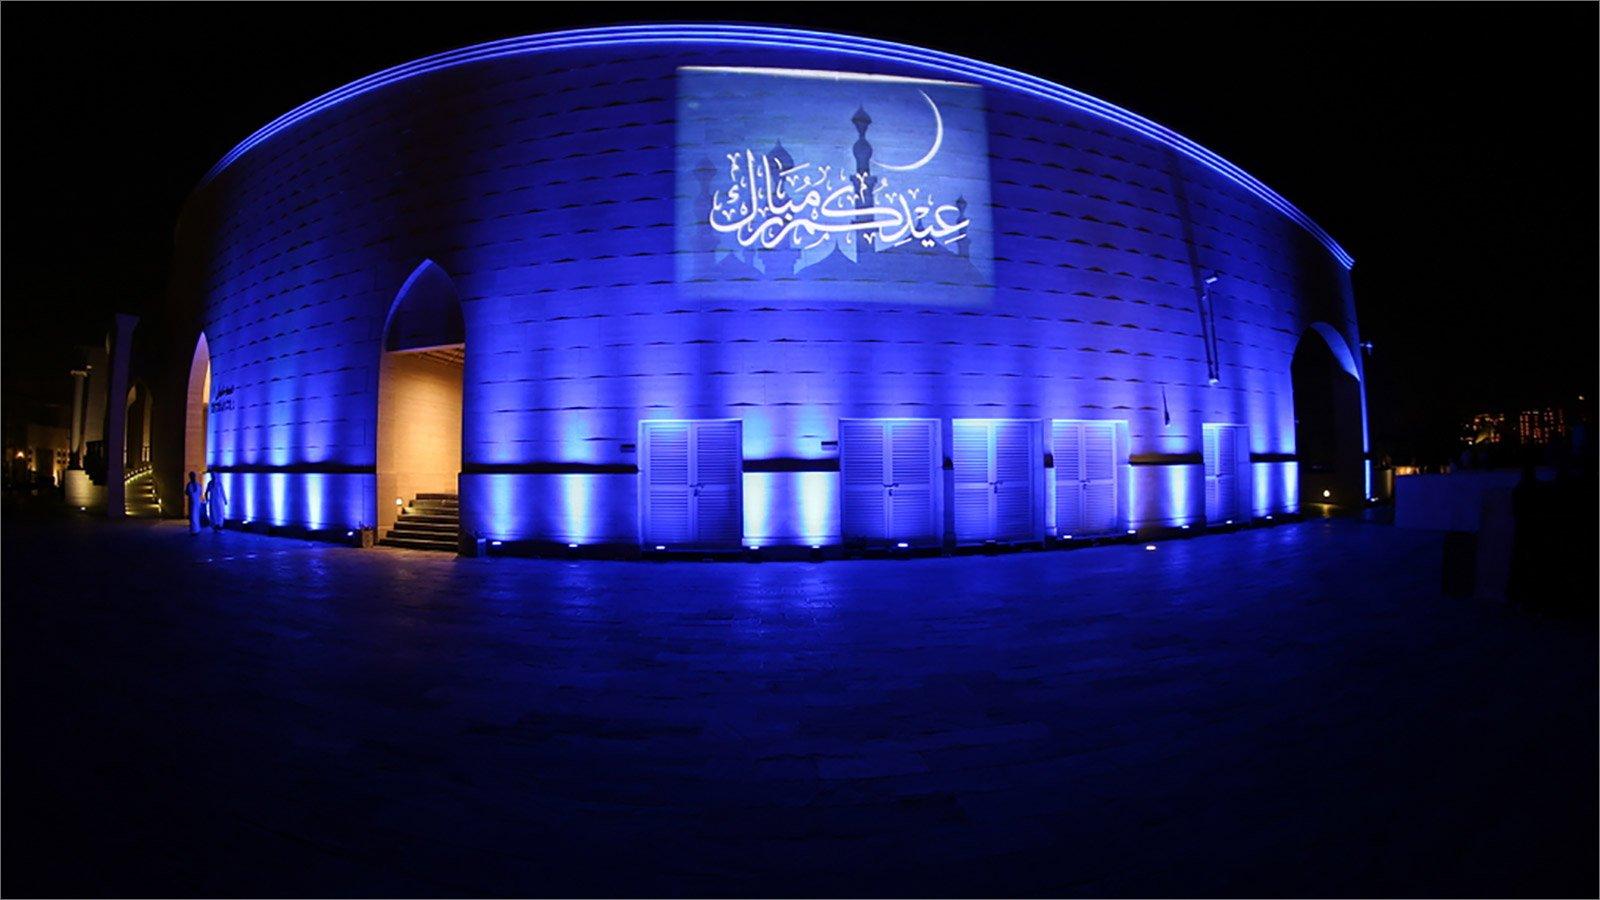 #قطر تعلن غدا أول أيام #عيد_الفطر https://t.co/4dr4YqCCrV https://t.co/fyCLppyIrX